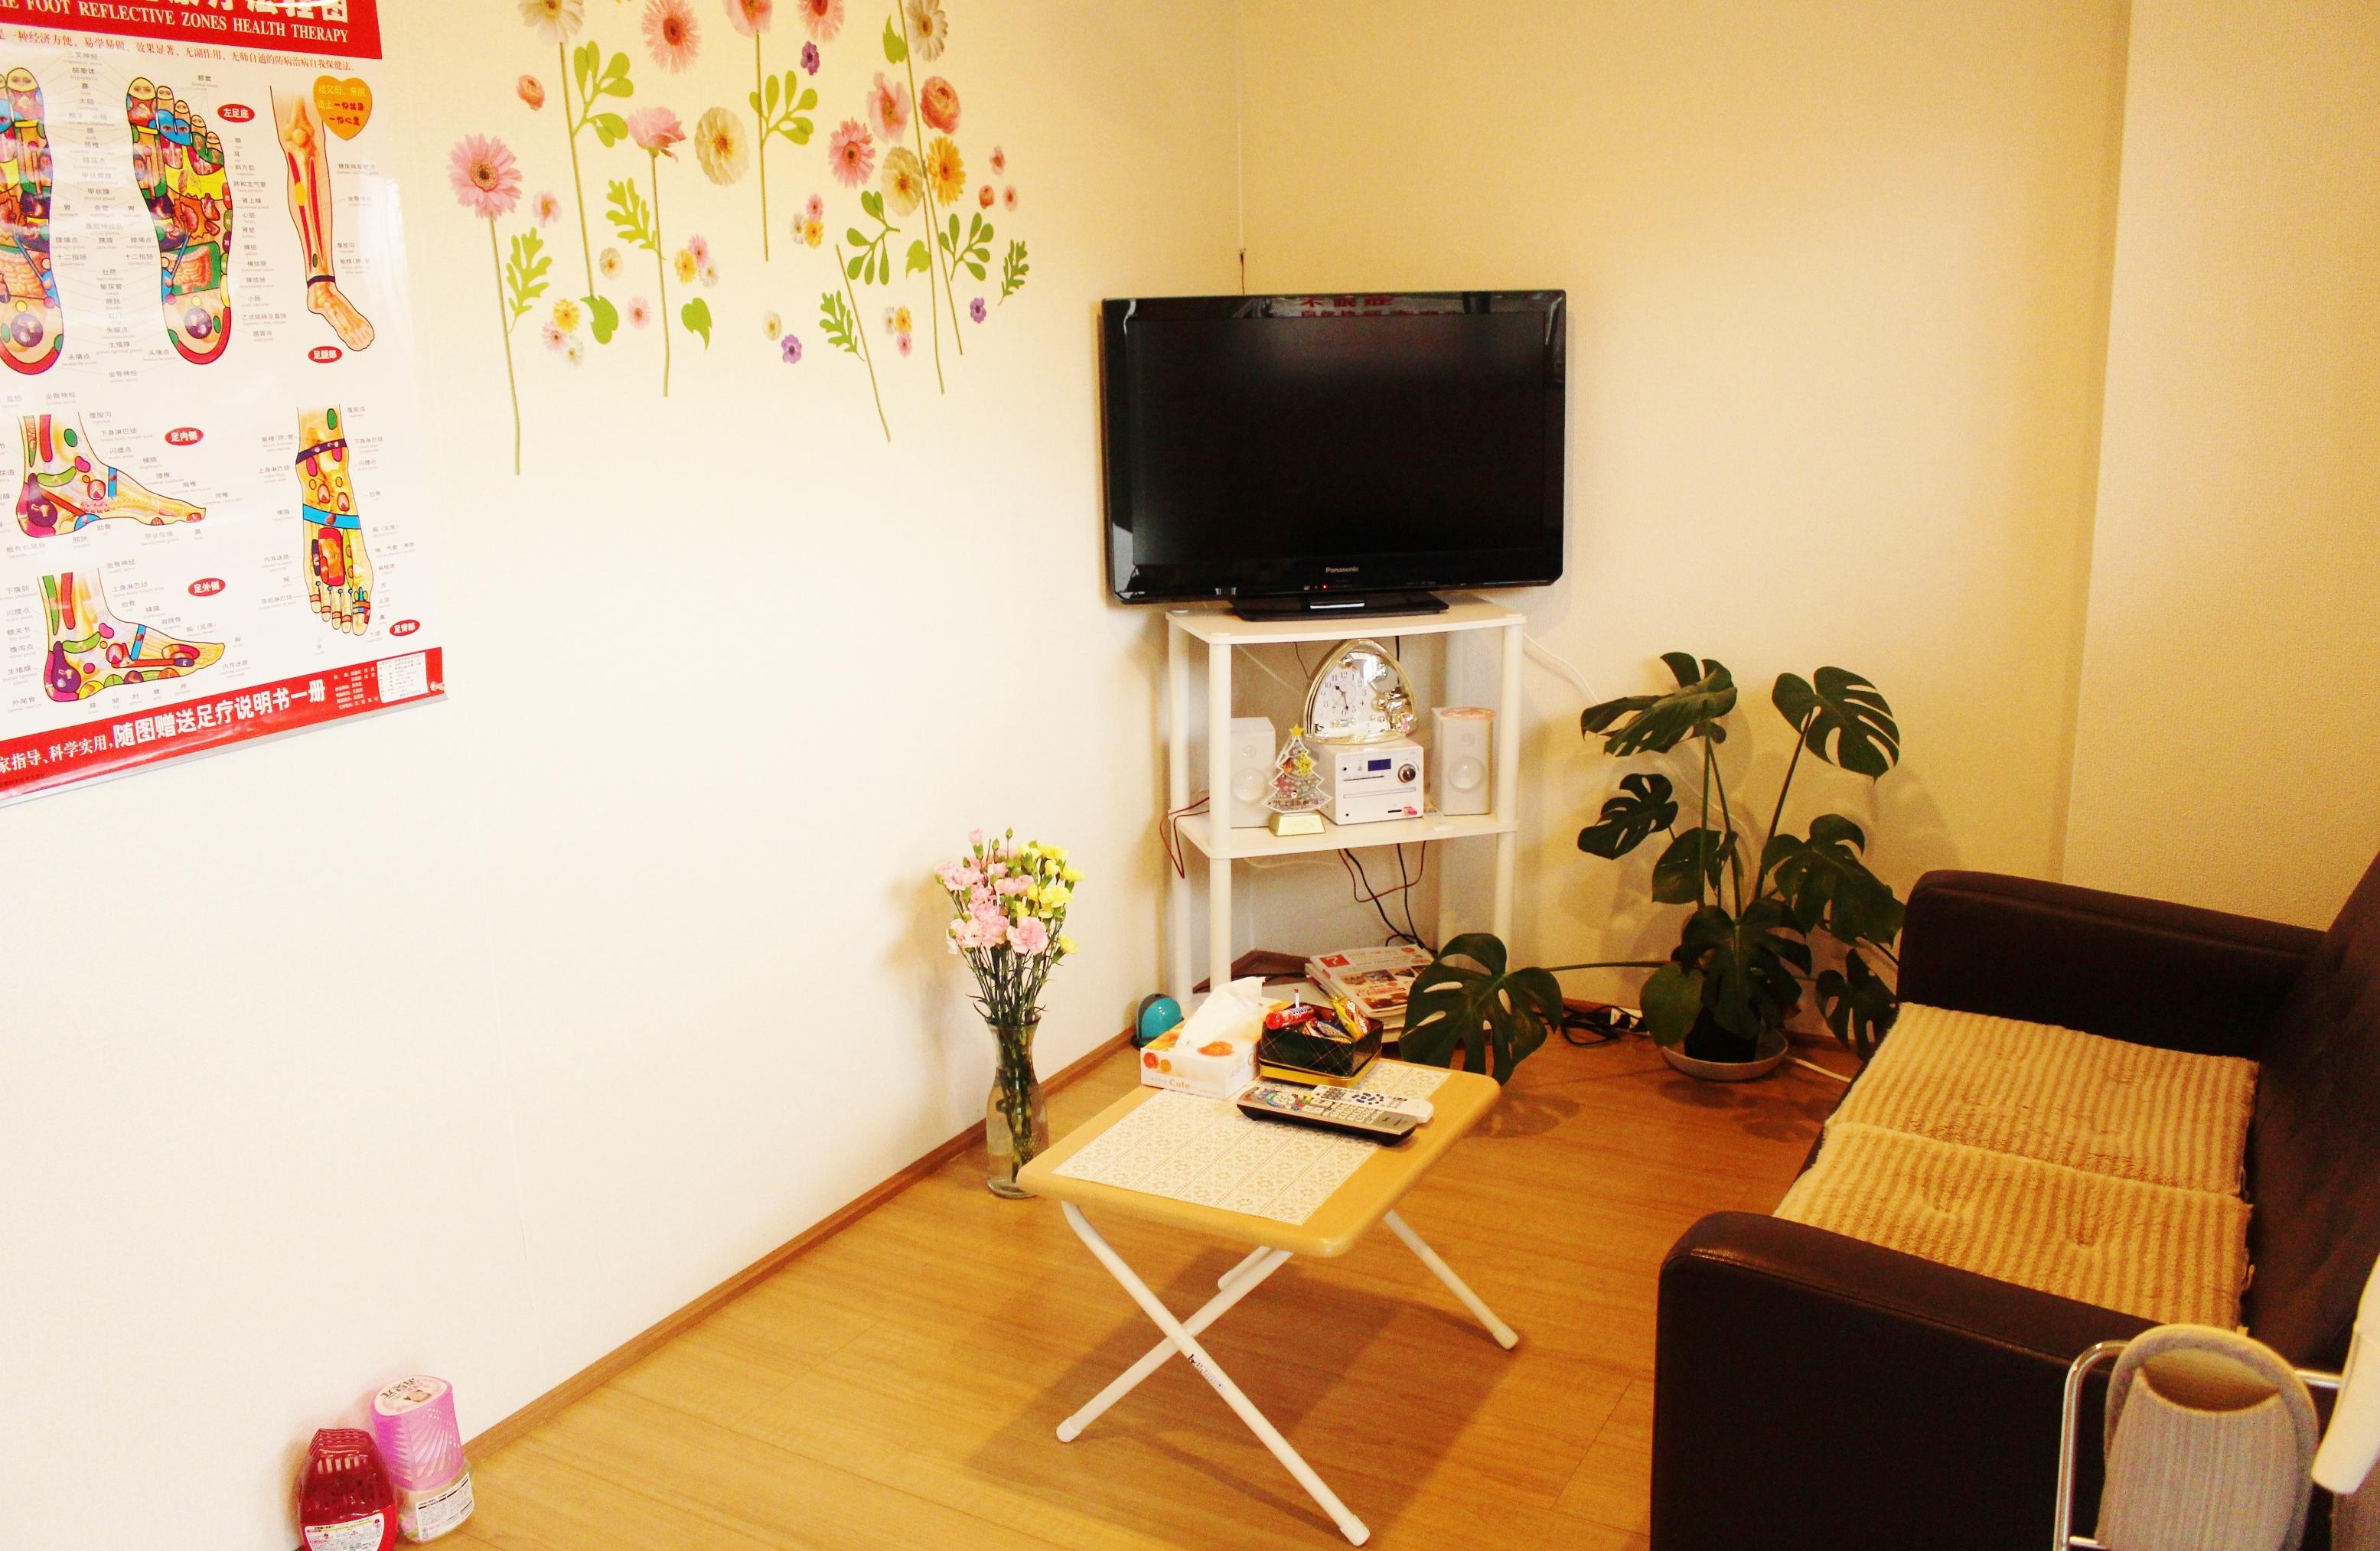 ゆったりとした雰囲気の待合室